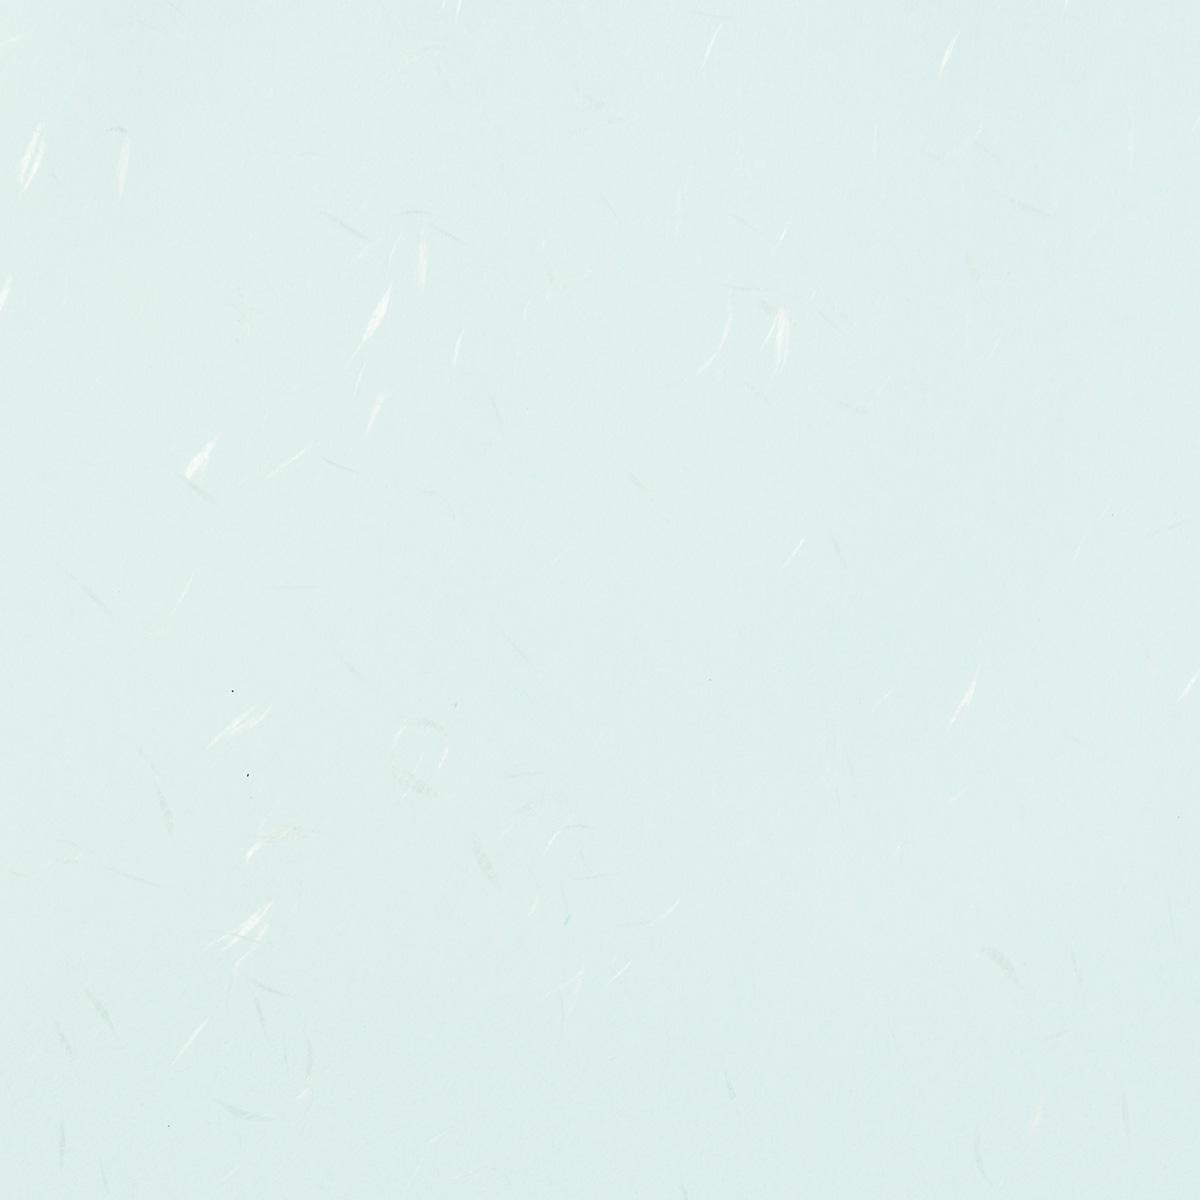 月華ニューカラー A4サイズ(50枚入) No.25 ブルー